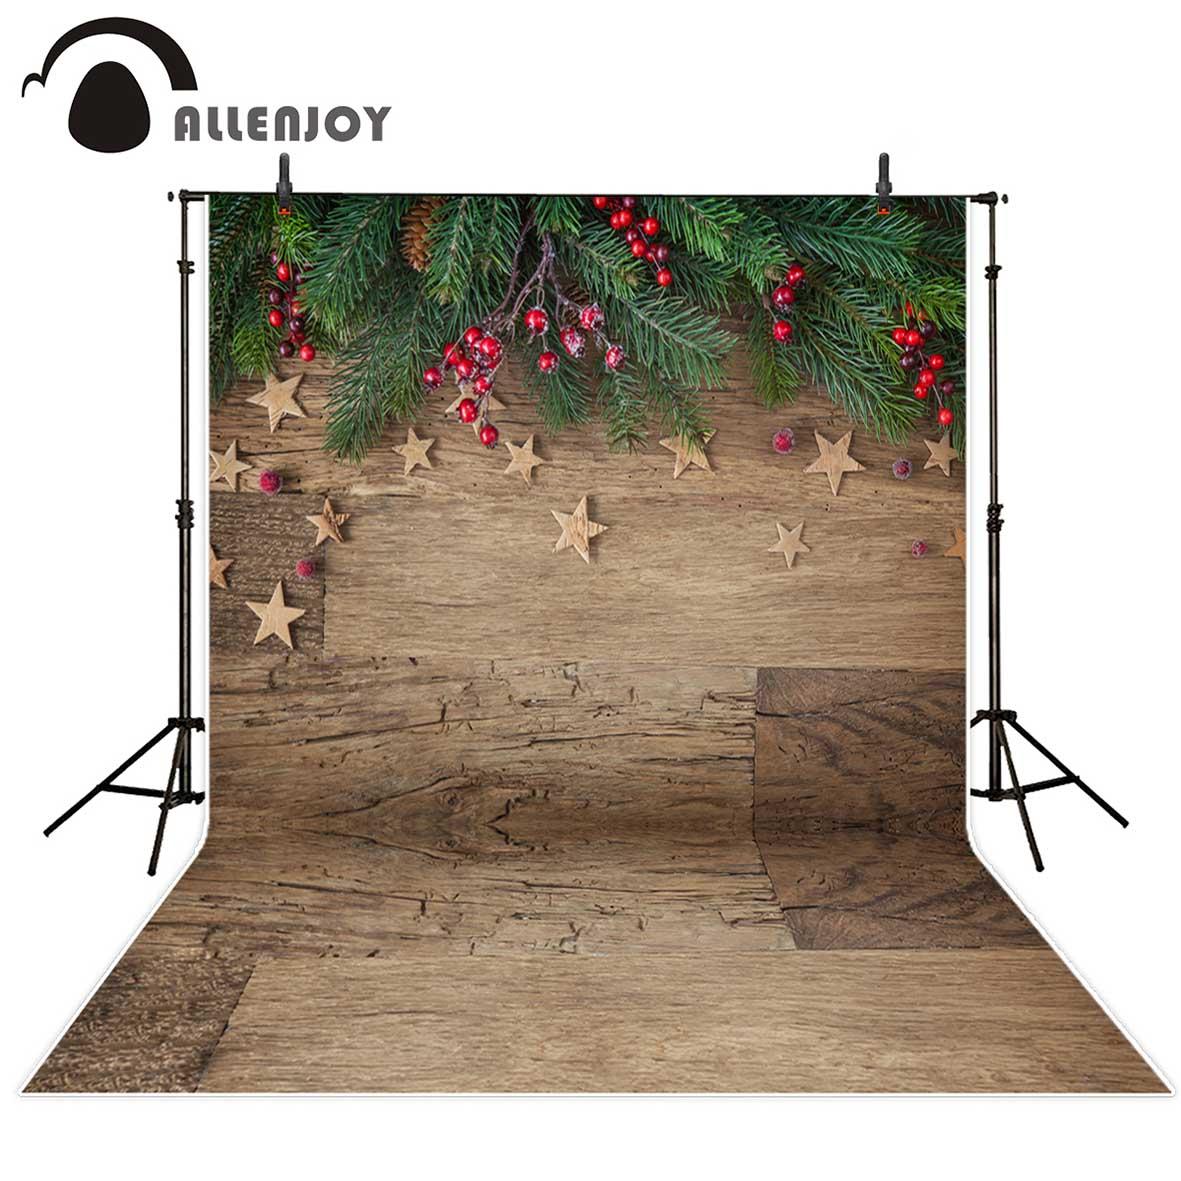 [해외]사진 스튜디오를Allenjoy 배경 크리스마스 나무 별 녹색 잎 배경 photocall photobooth 사진/Allenjoy backgrounds for photo studio Christmas wood stars green leaves backdrop ph